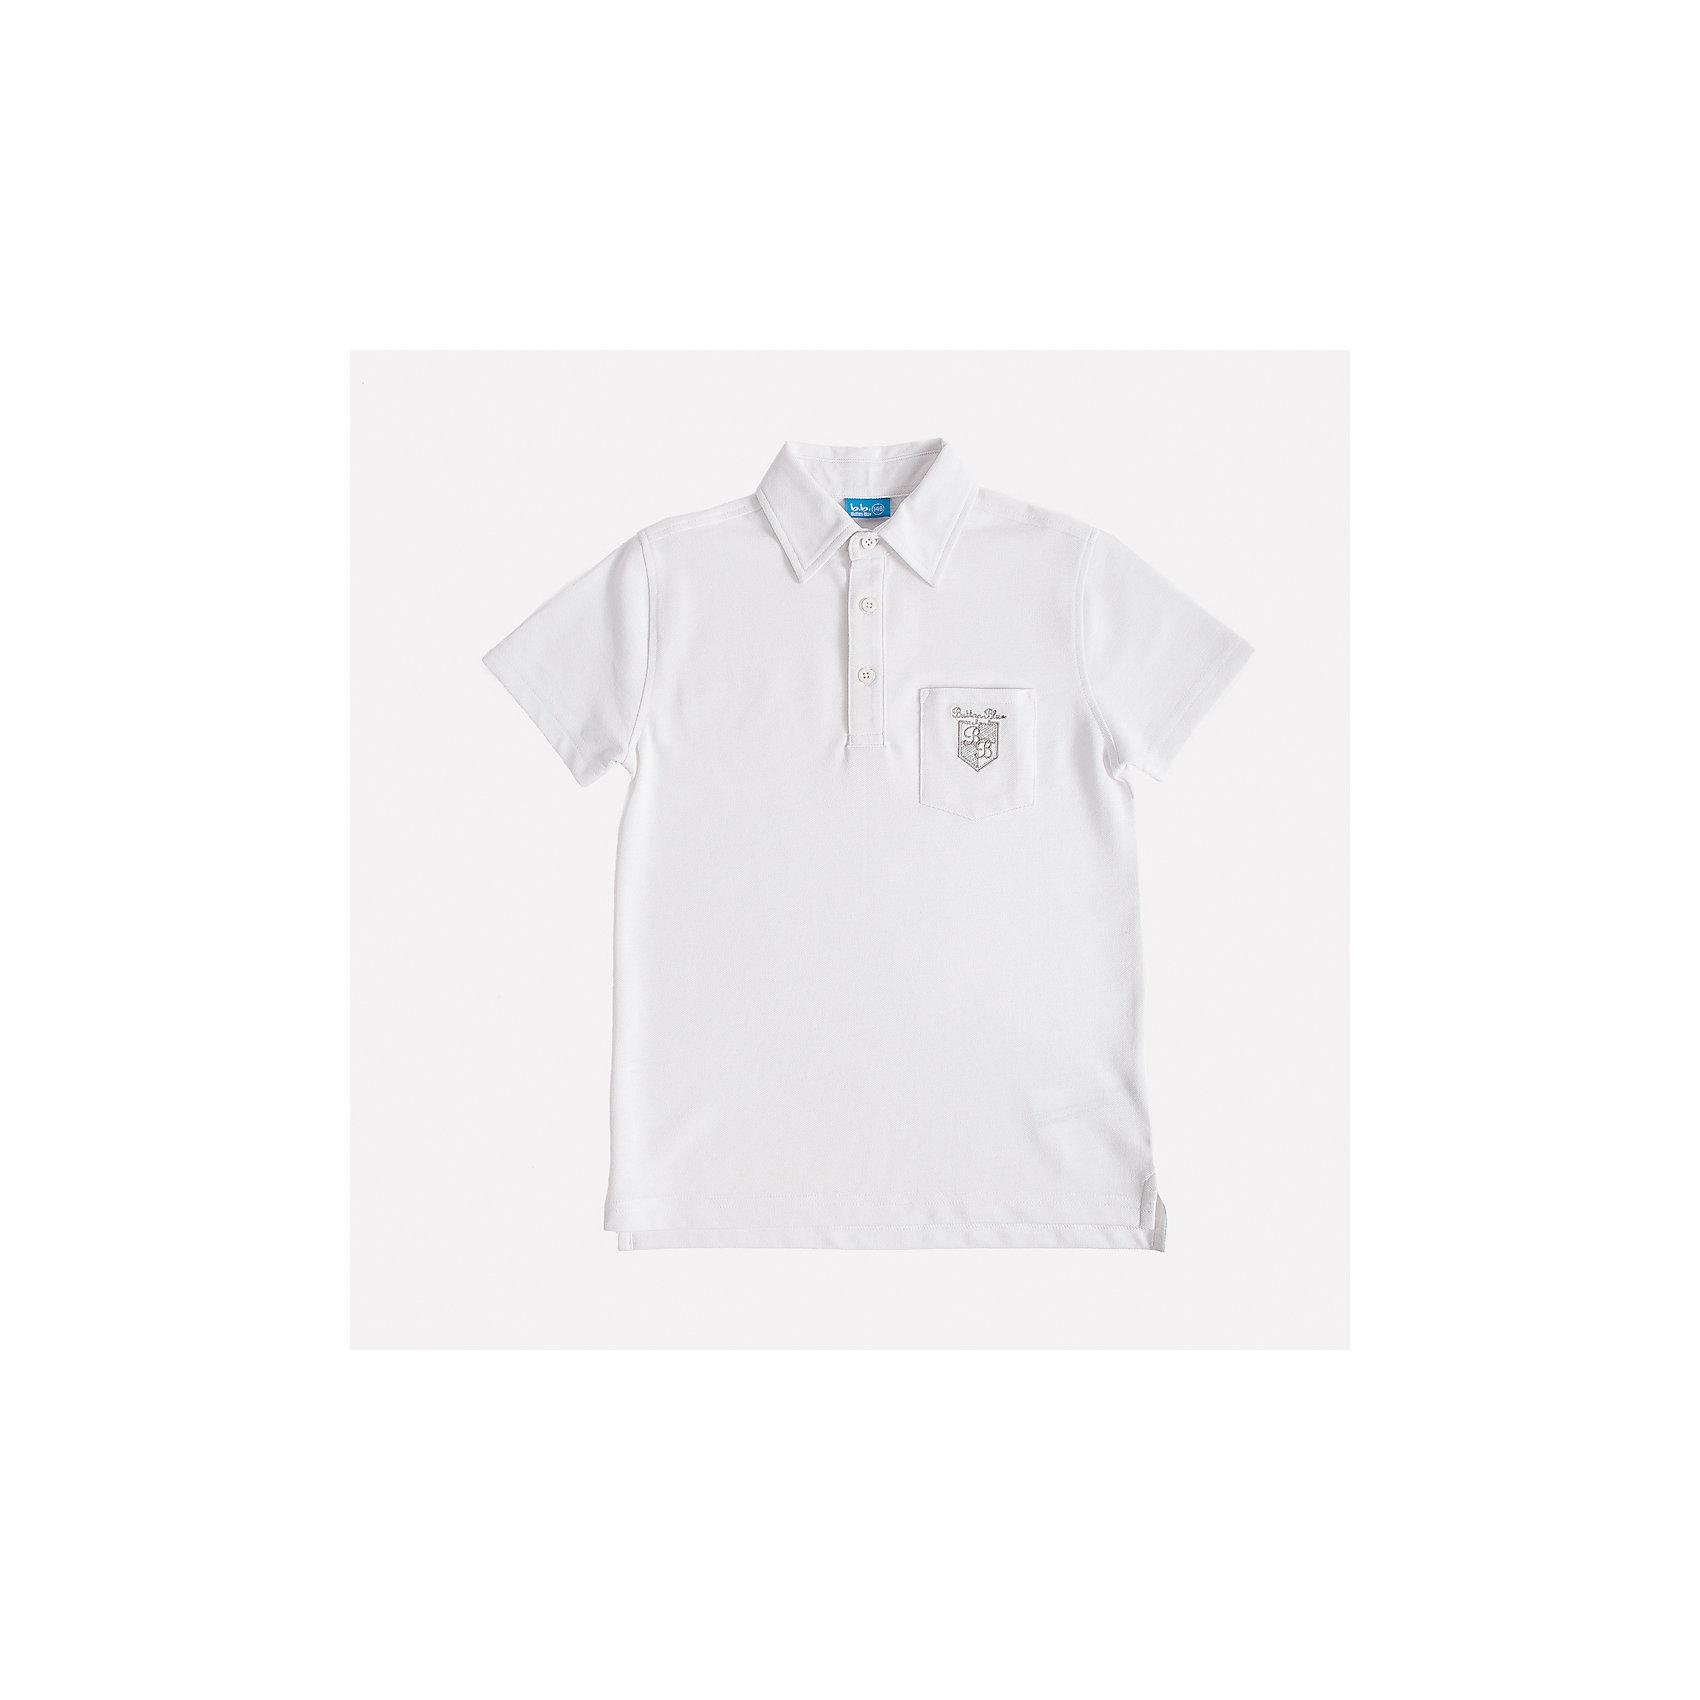 Футболка-поло для мальчика Button BlueБлузки и рубашки<br>Стильное поло с коротким рукавом из белоснежного трикотажного пике - прекрасная альтернатива текстильной рубашке. Поло подарит мальчику комфорт и свободу движений, не нарушив школьного дресскода. В отделке модели небольшая фирменная вышивка.<br>Состав:<br>50% хлопок                        50% полиэстер<br><br>Ширина мм: 230<br>Глубина мм: 40<br>Высота мм: 220<br>Вес г: 250<br>Цвет: белый<br>Возраст от месяцев: 120<br>Возраст до месяцев: 132<br>Пол: Мужской<br>Возраст: Детский<br>Размер: 146,134,152,122,128,158,140<br>SKU: 4147158